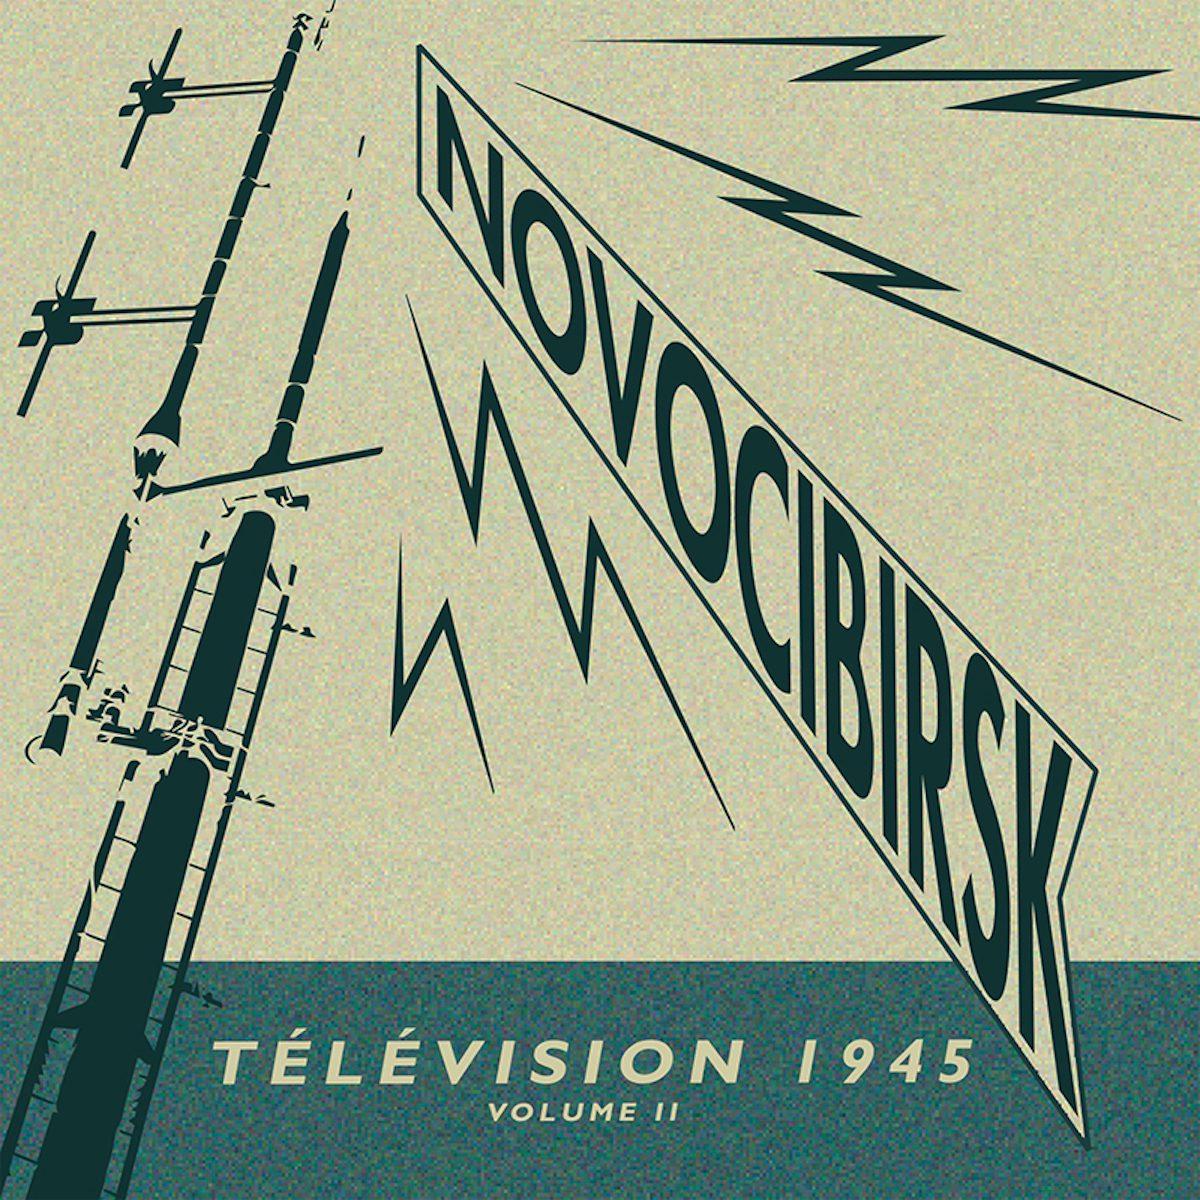 Novocibirsk returns with 2nd installment 'Télévision 1945 (Volume II)' - Kraftwerk fans pay attention